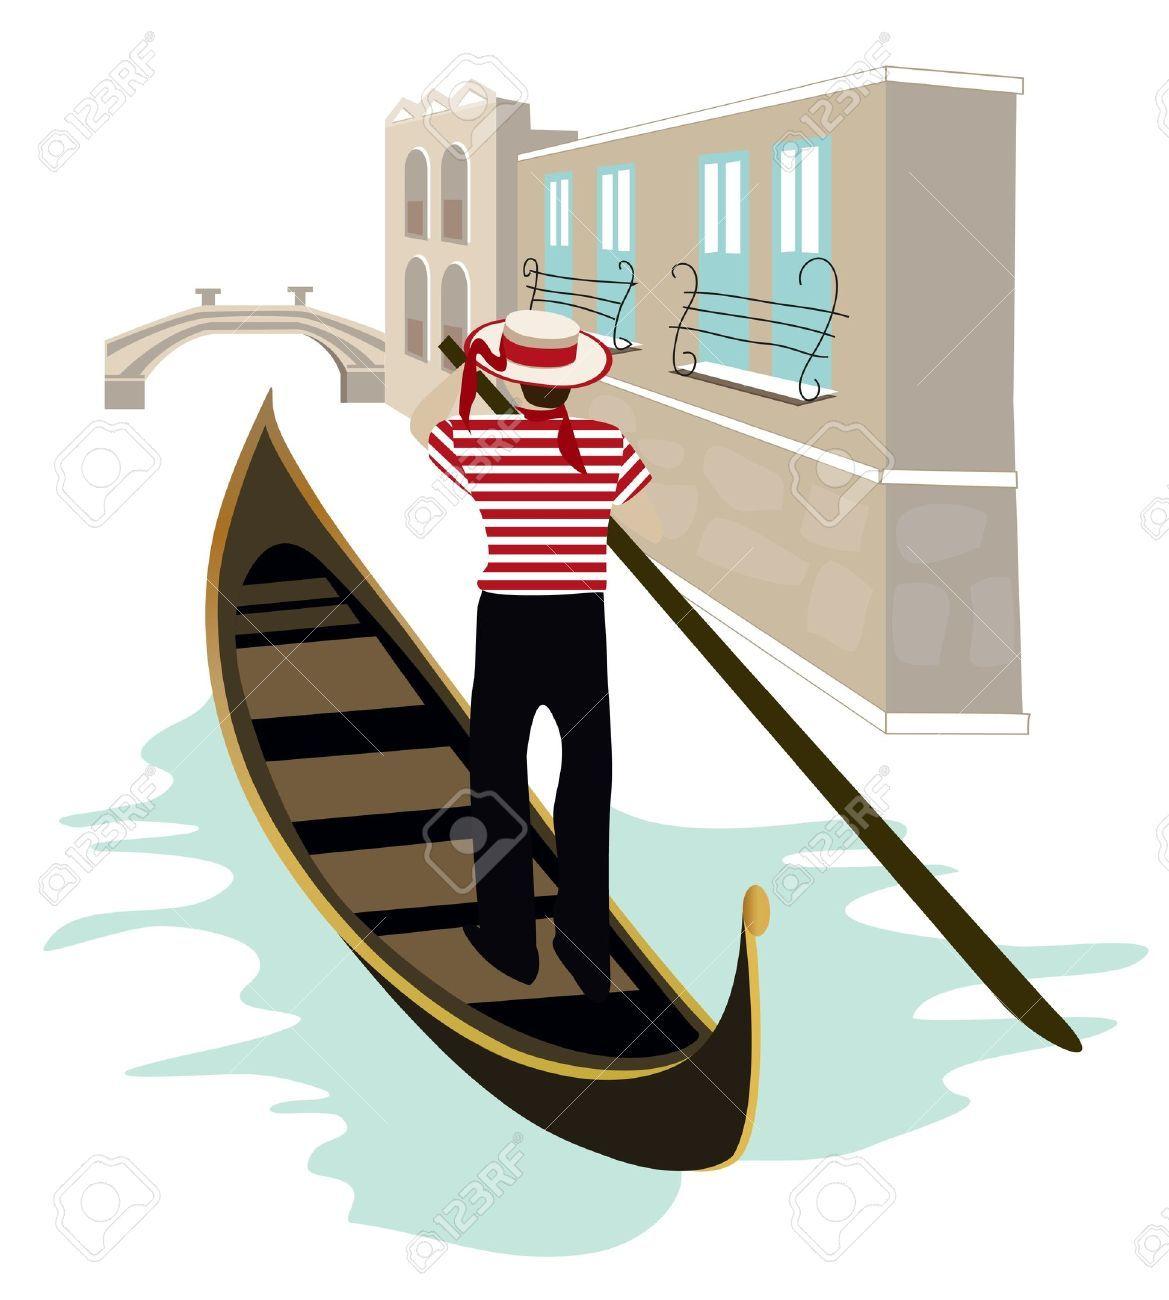 gondola clip art in 2019.